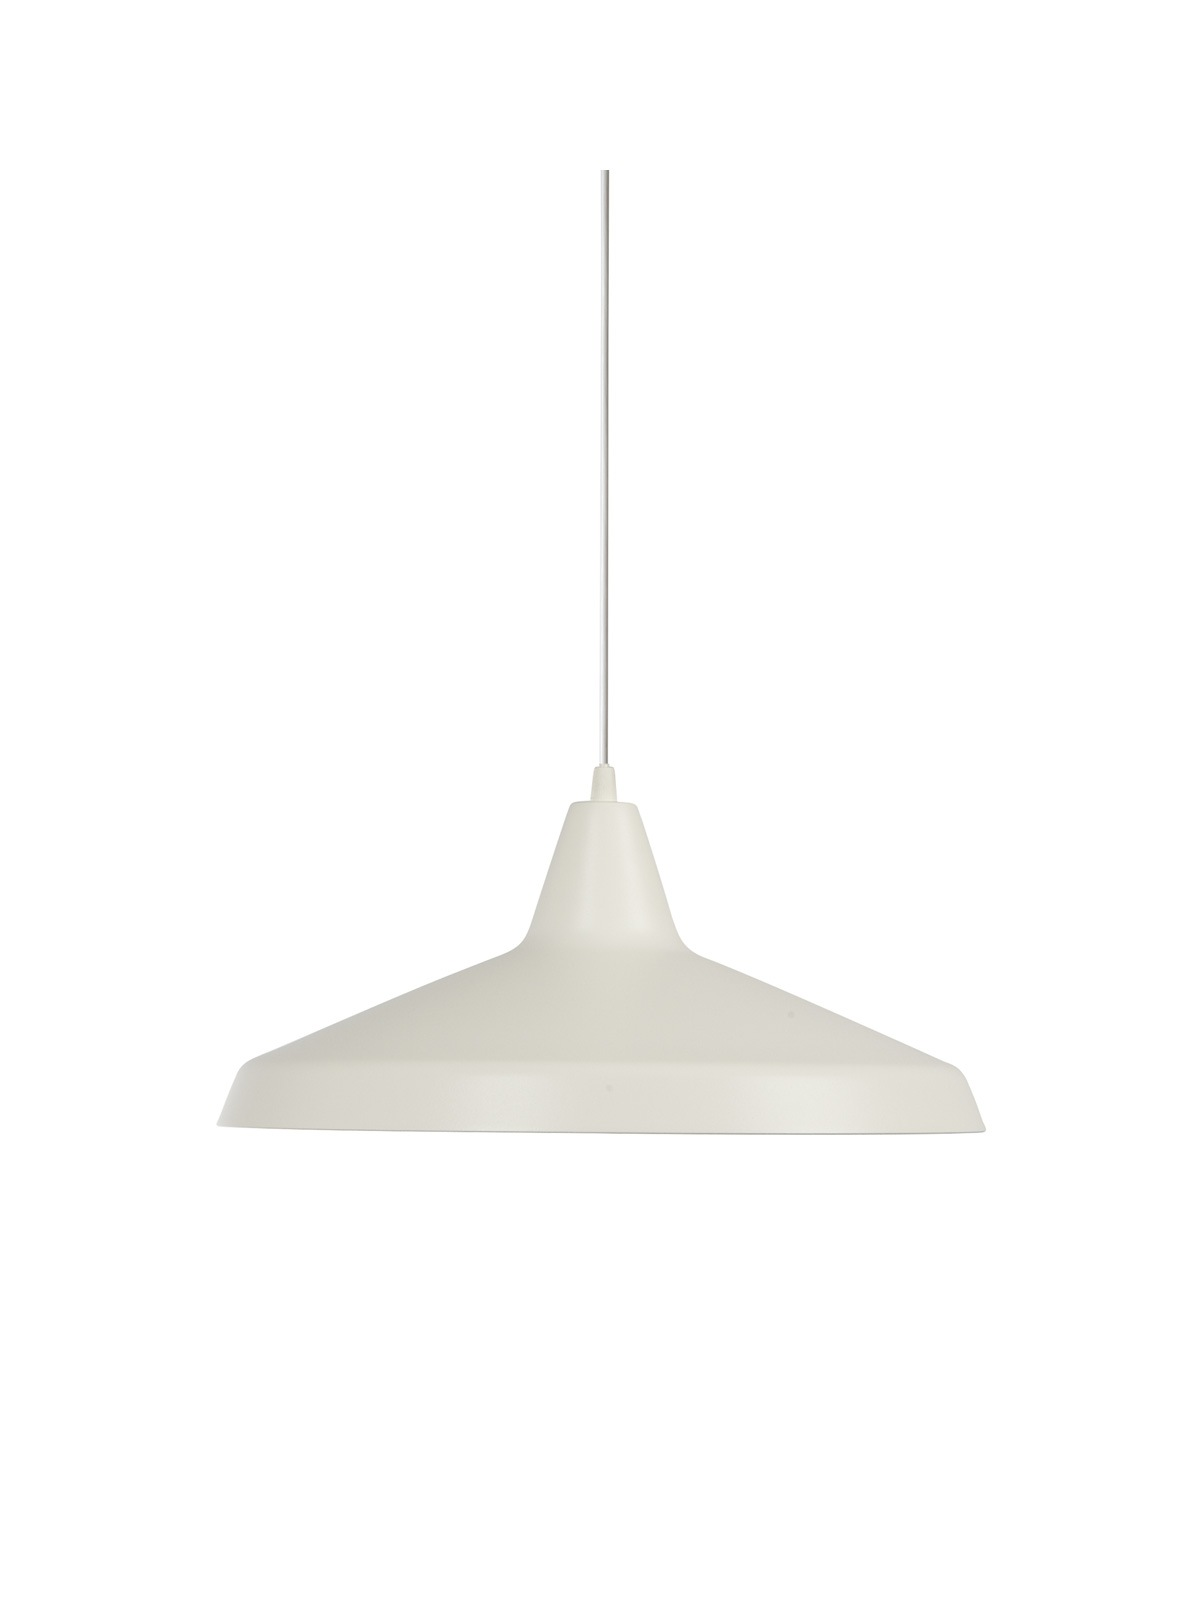 Titan Pendel Leuchte Belid DesignOrt Lampen Onlineshop Berlin